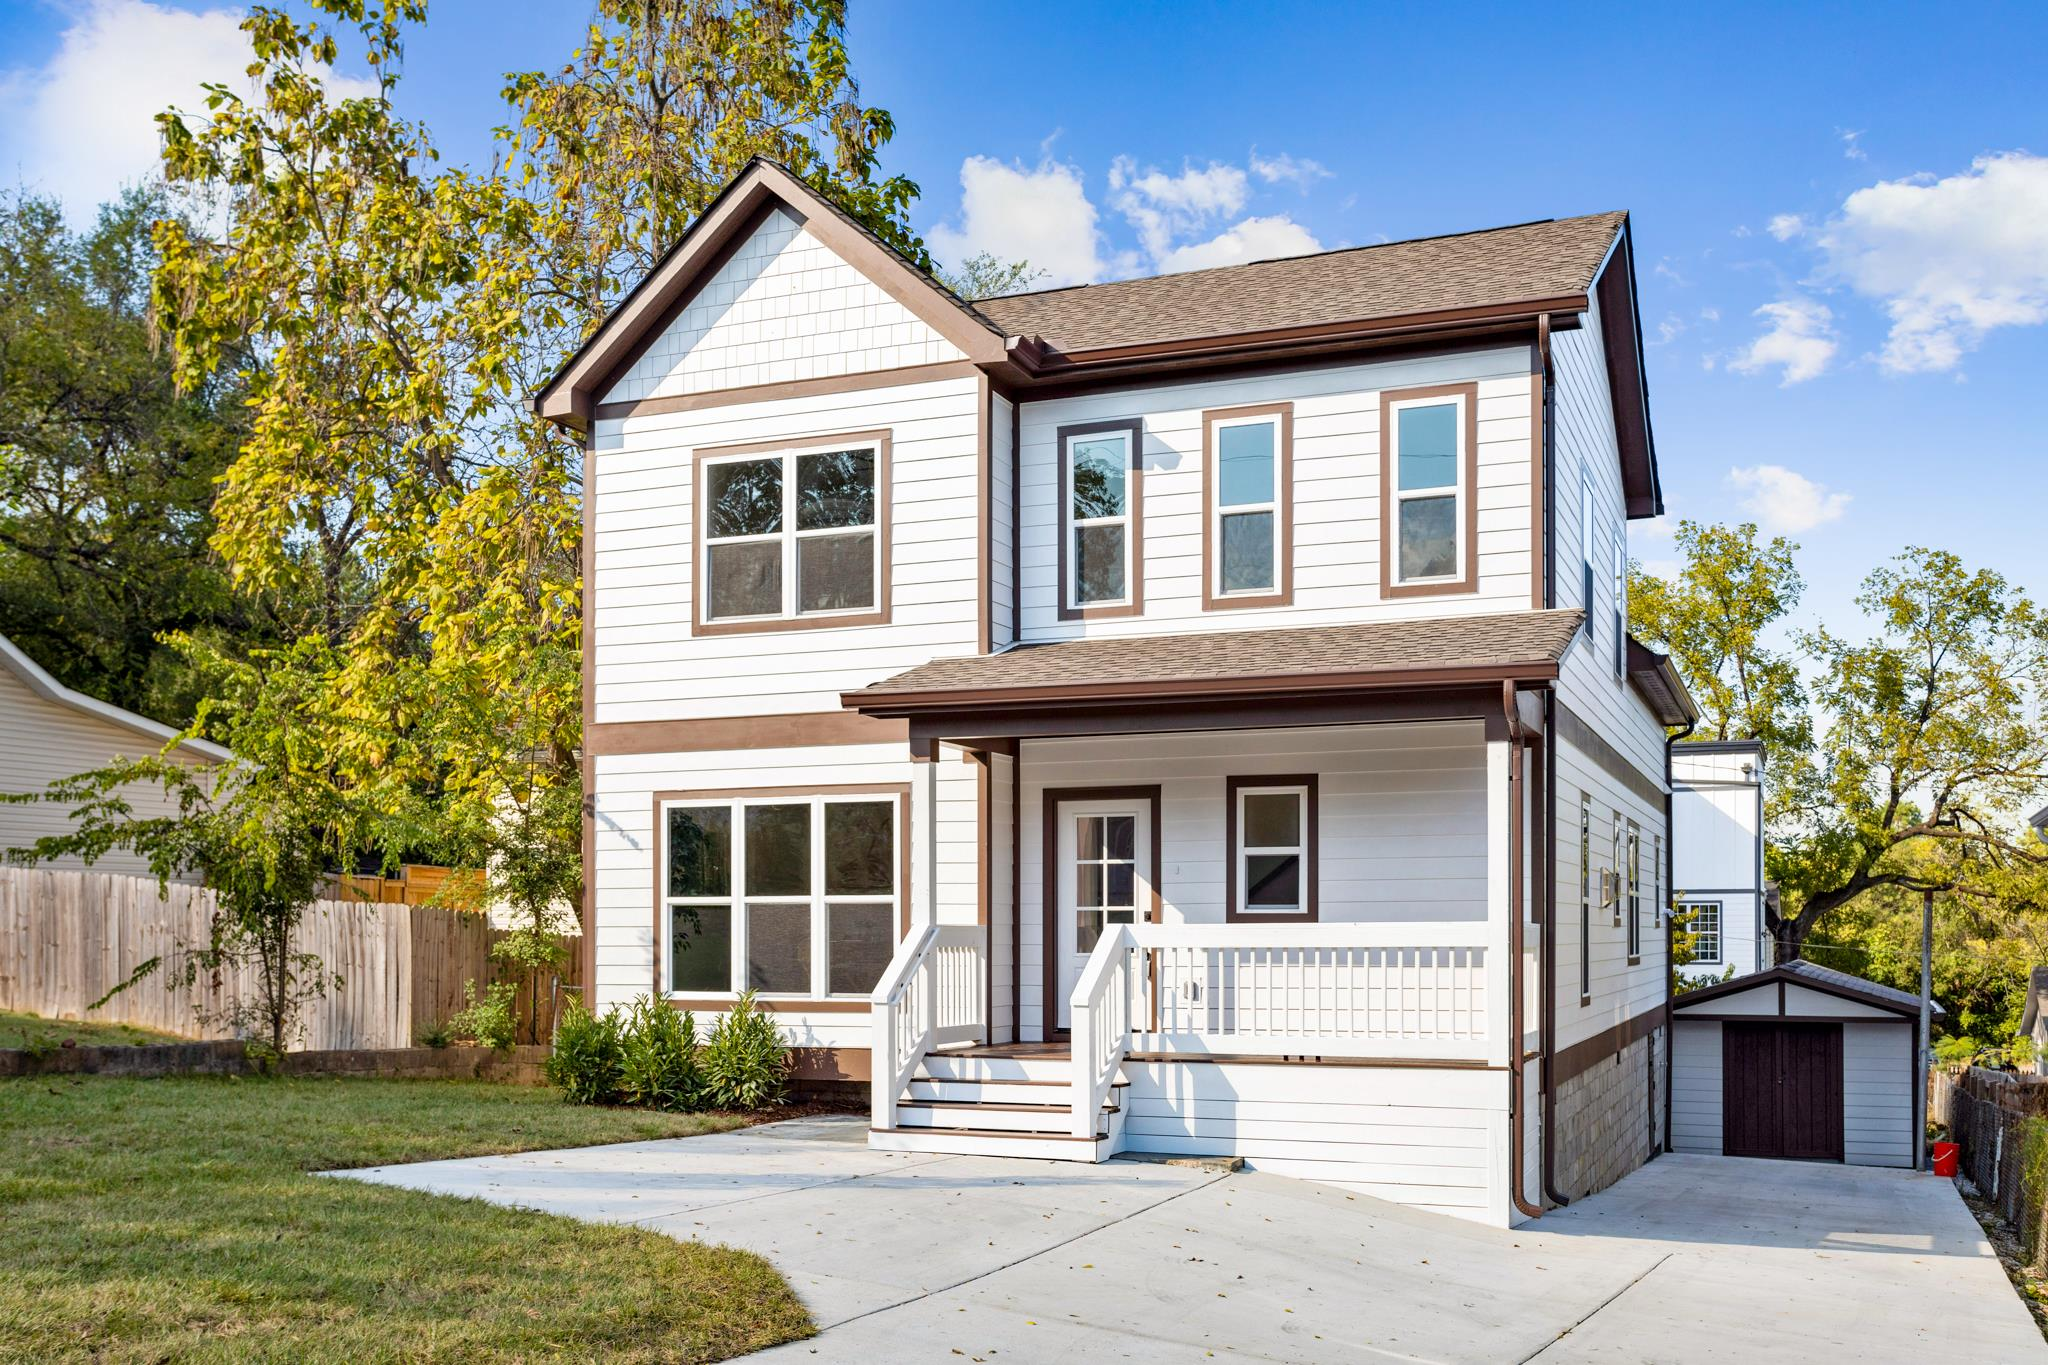 104 Rose St, Nashville, TN 37210 - Nashville, TN real estate listing